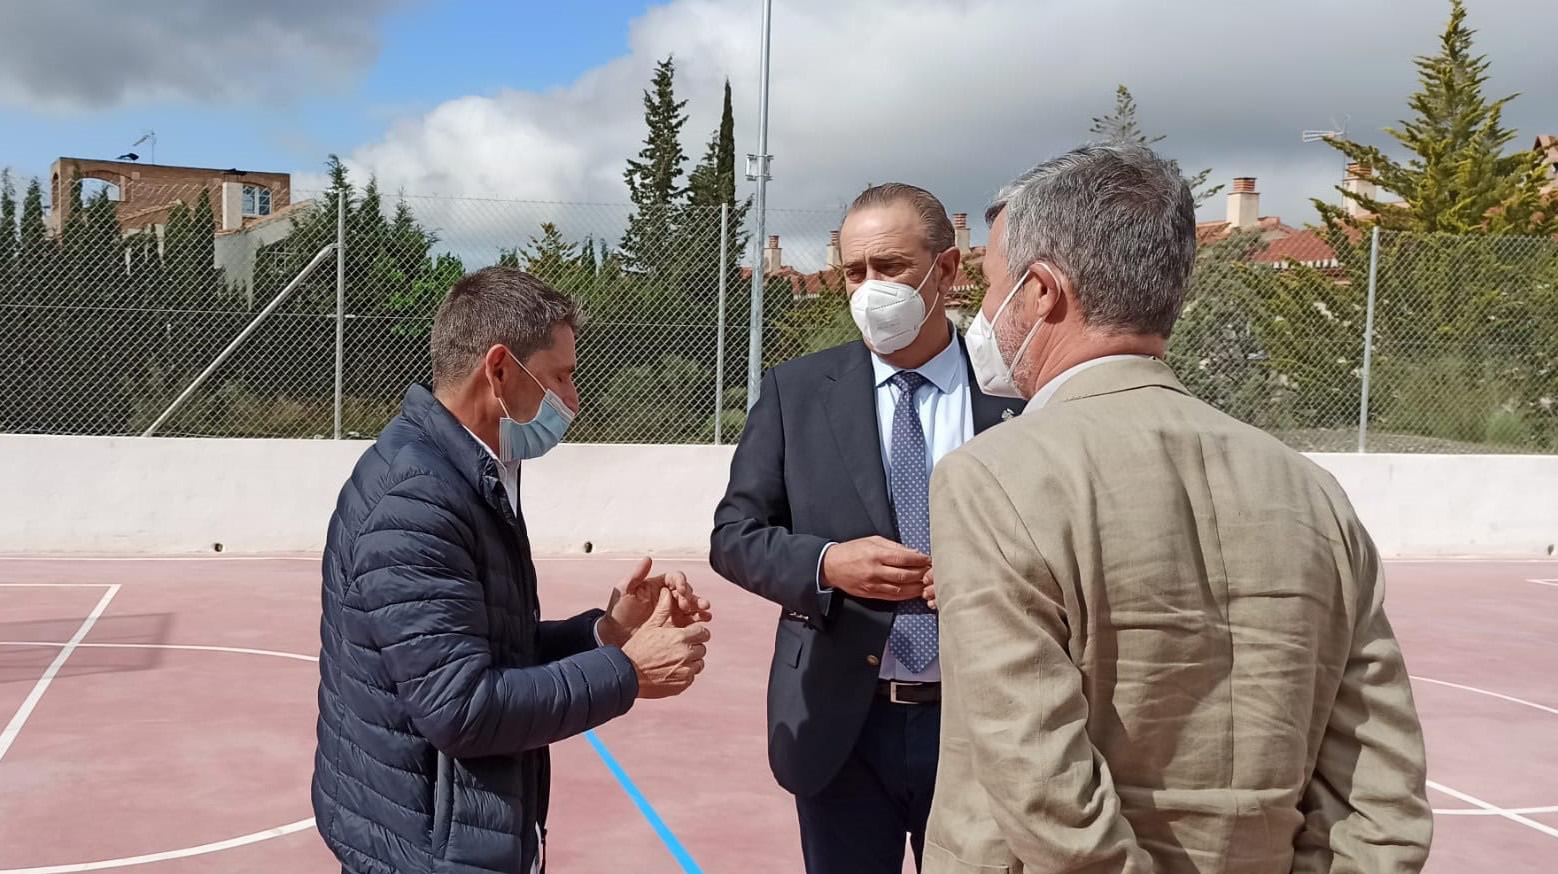 La Junta invierte 7.700 euros en la nueva pista deportiva y en el colegio público de Cenes de la Vega